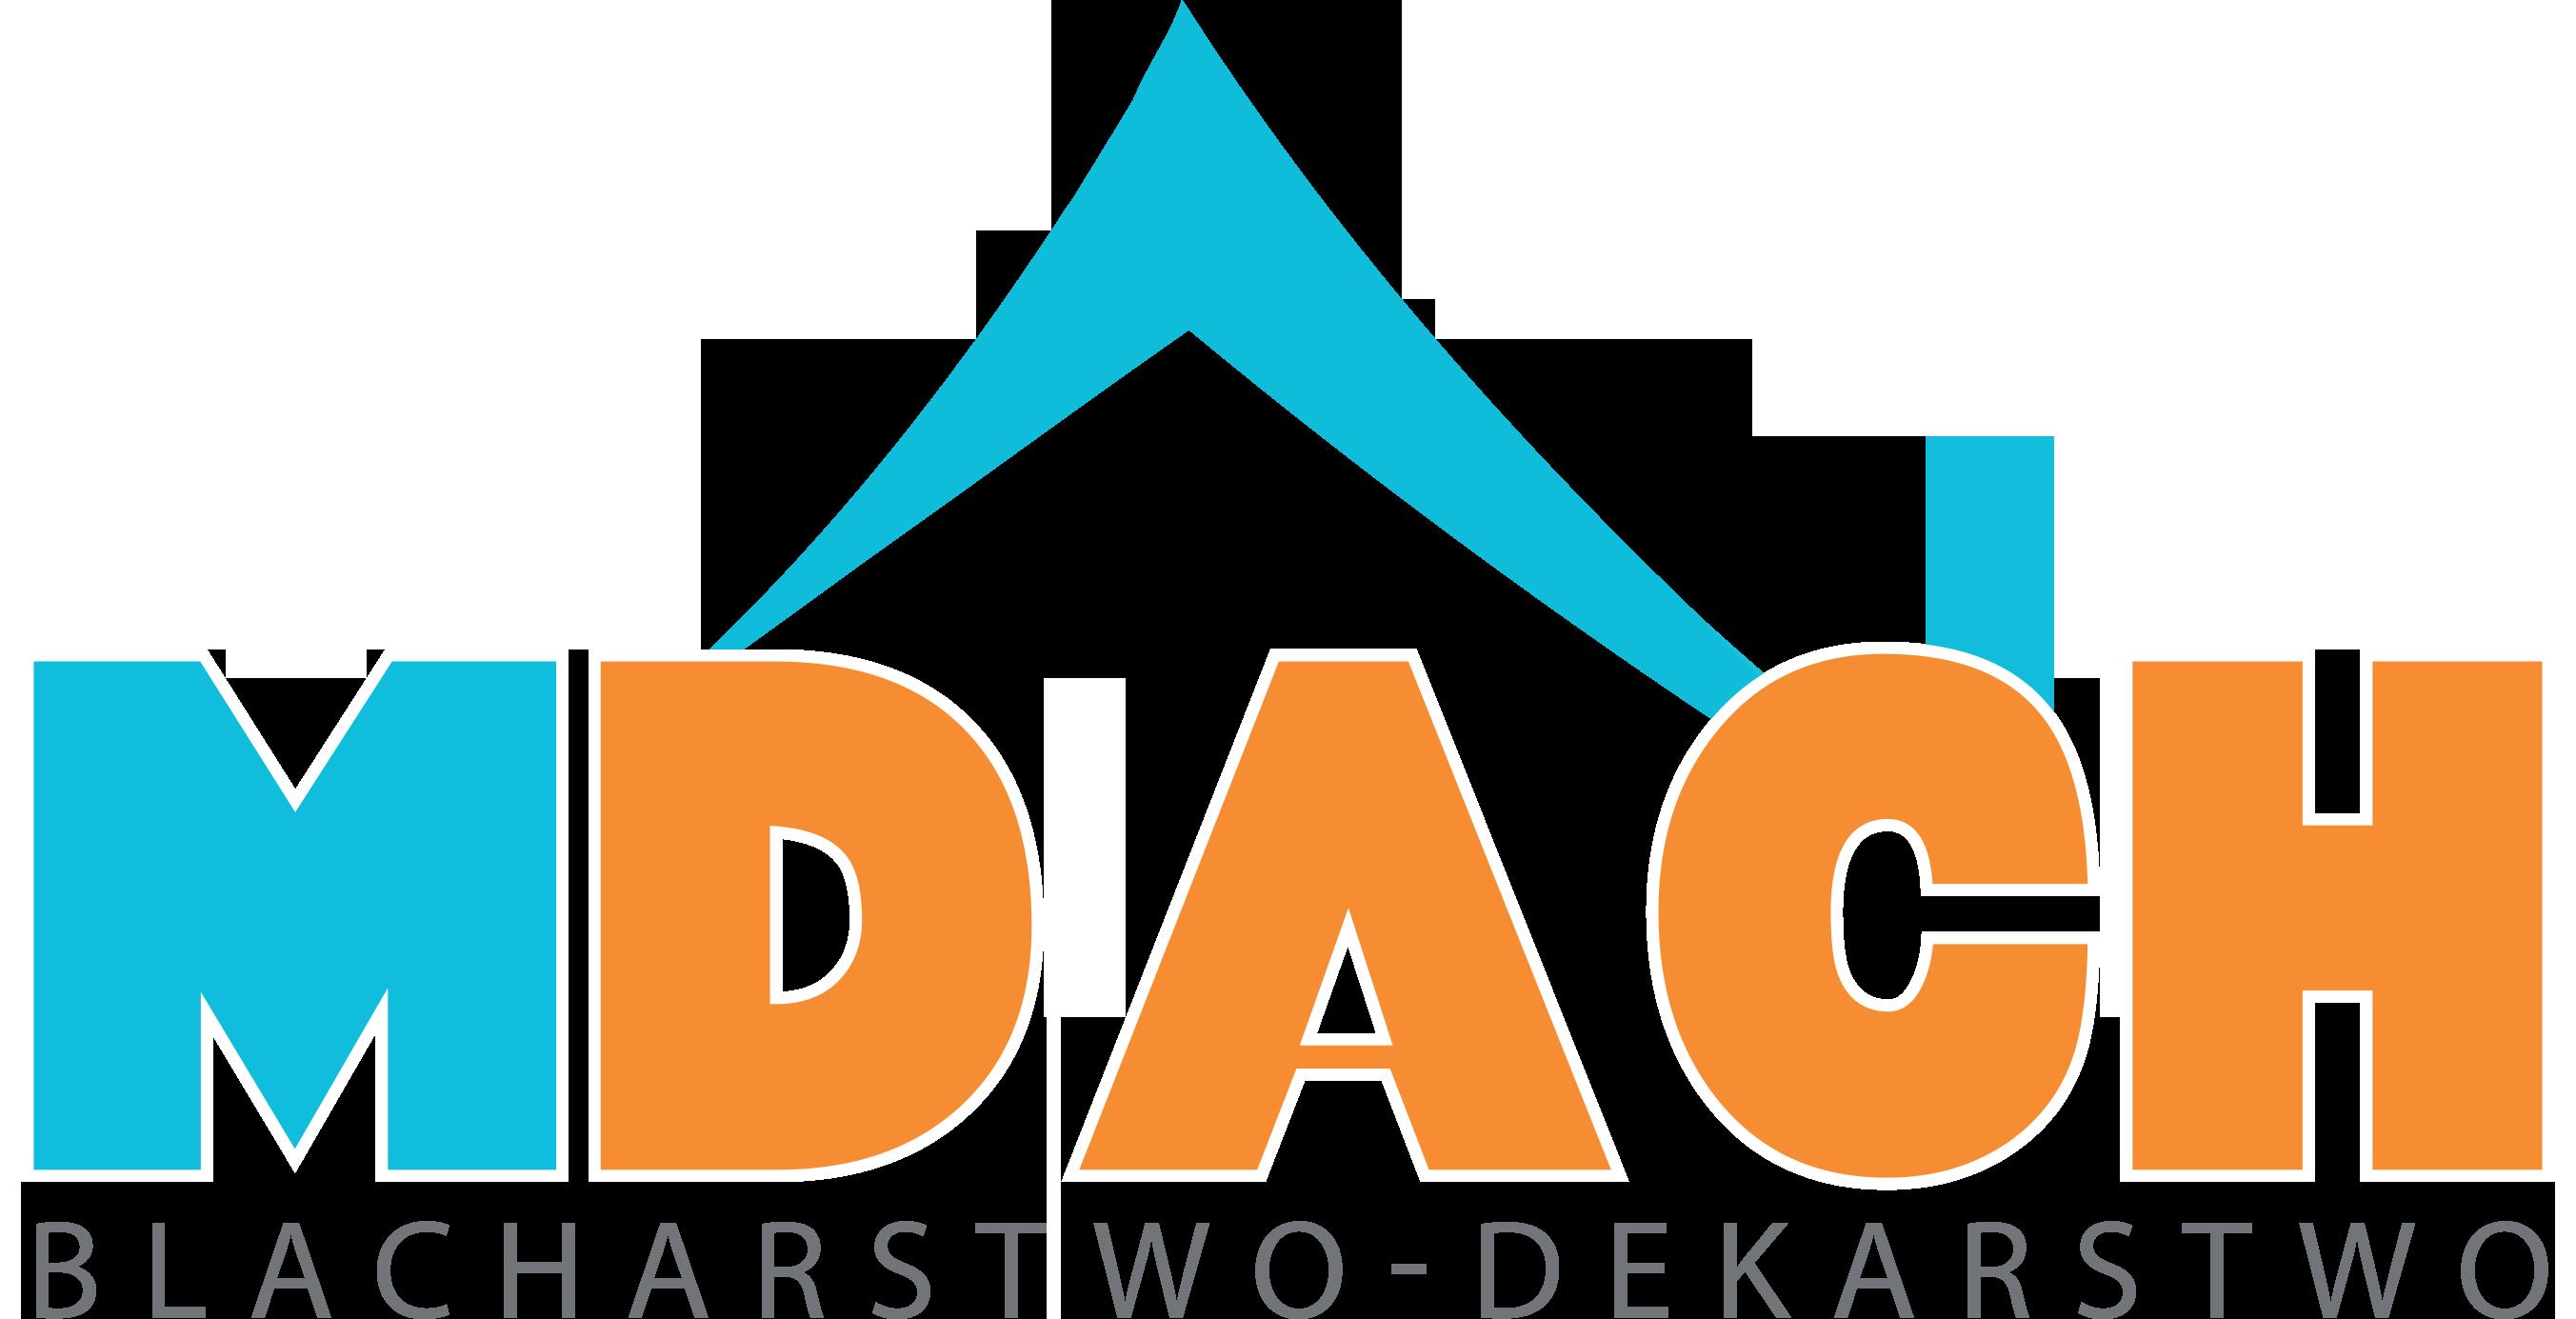 mdach-logo